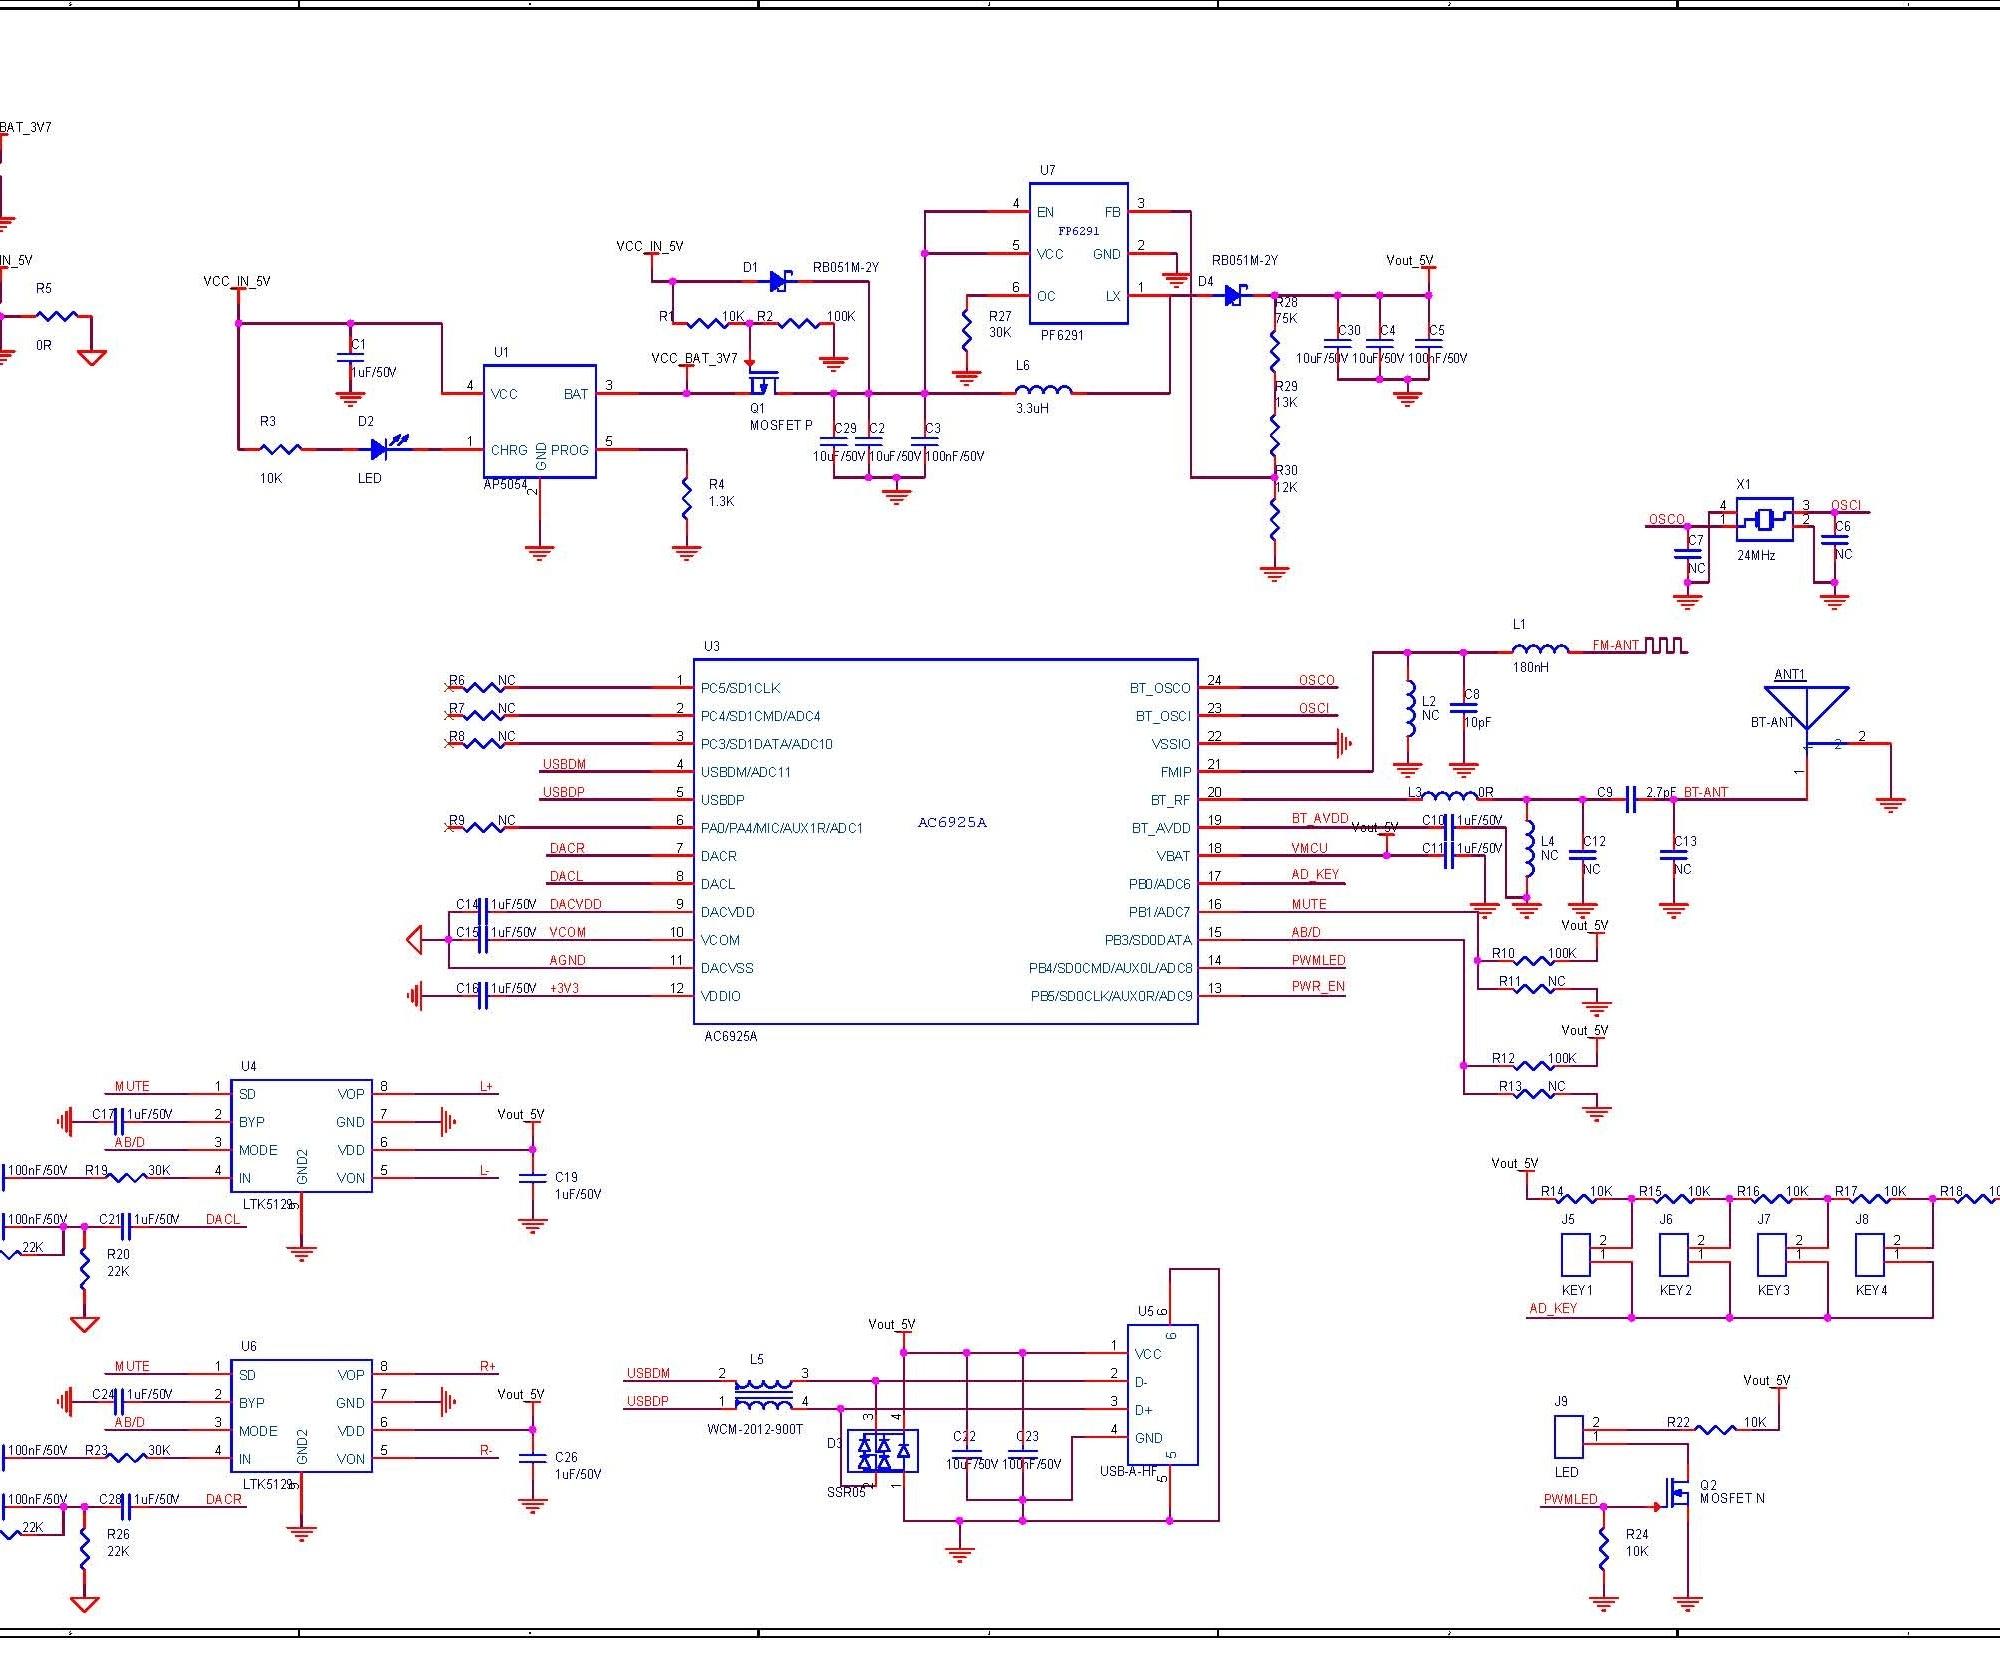 杰理AC6925A 功放芯片使能后 藍牙連接自動斷開